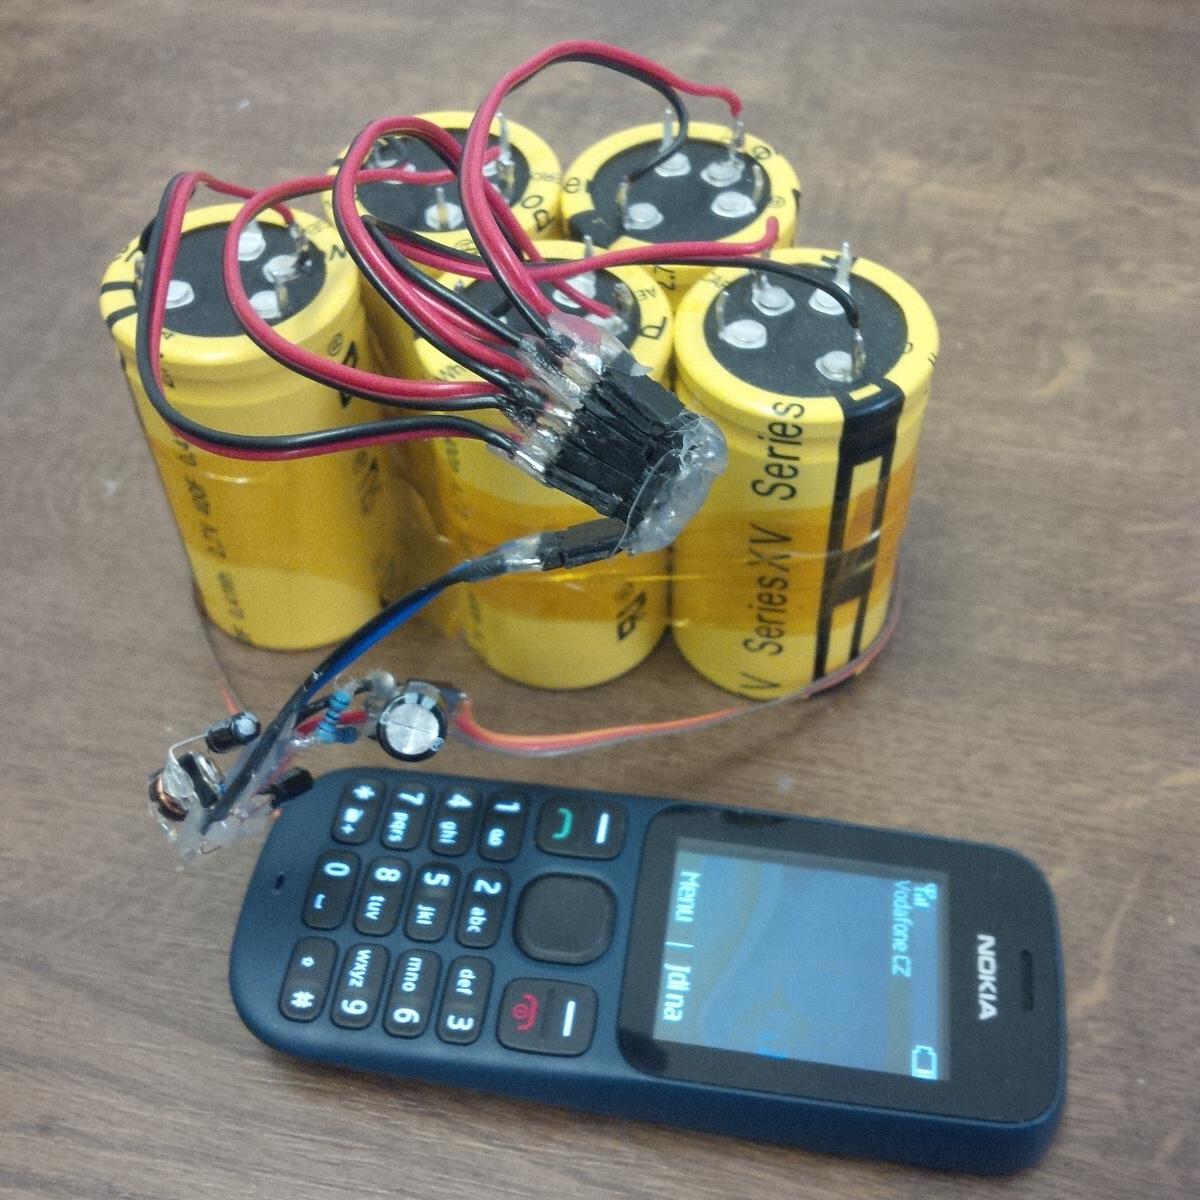 Superkondenzátor: Češi umí nabít mobil za 4 minuty